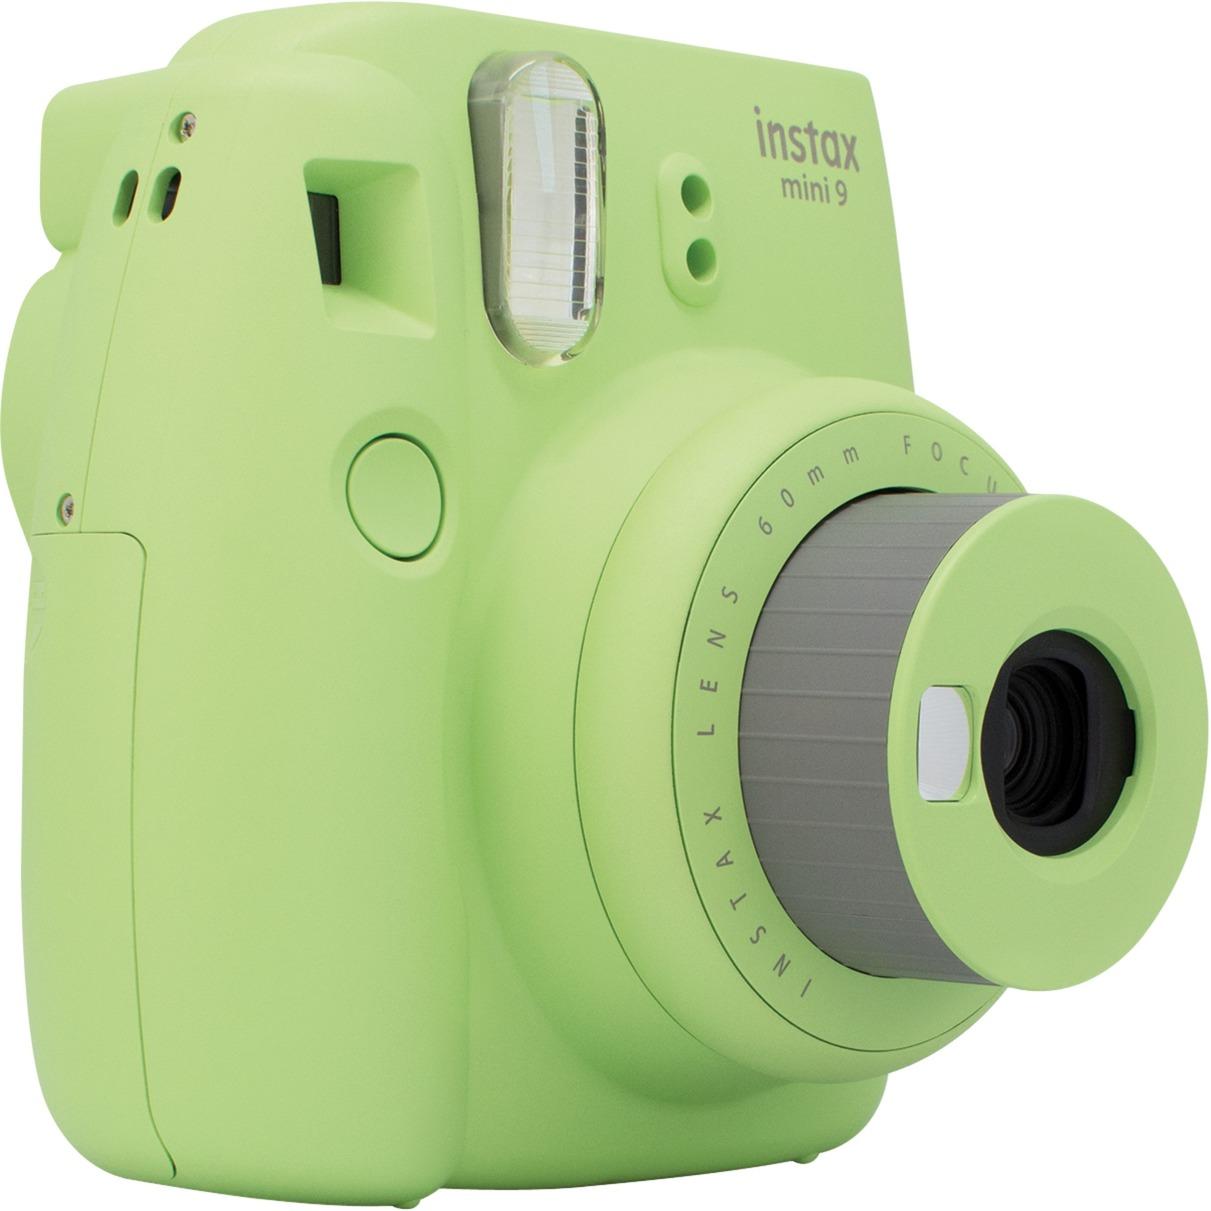 Instax Mini 9 62 x 46 mm Verde, Cal, Cámara instantánea